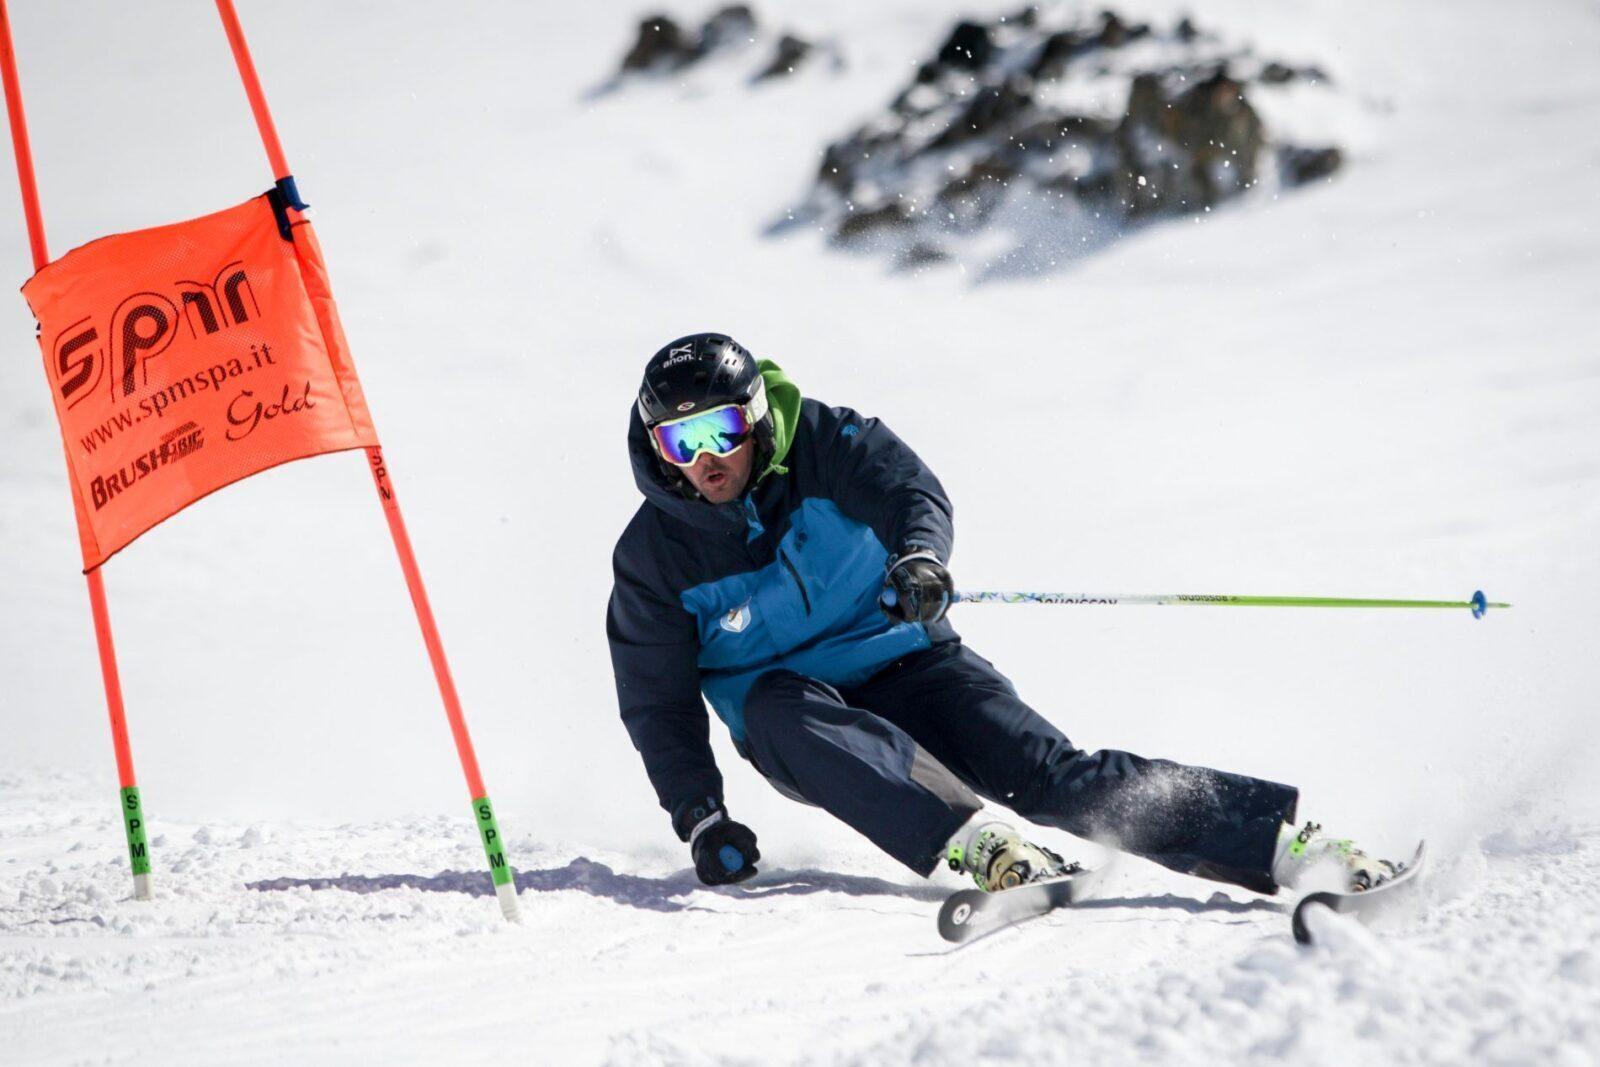 Pruebas de acceso esquí o snowboard - baqueira base